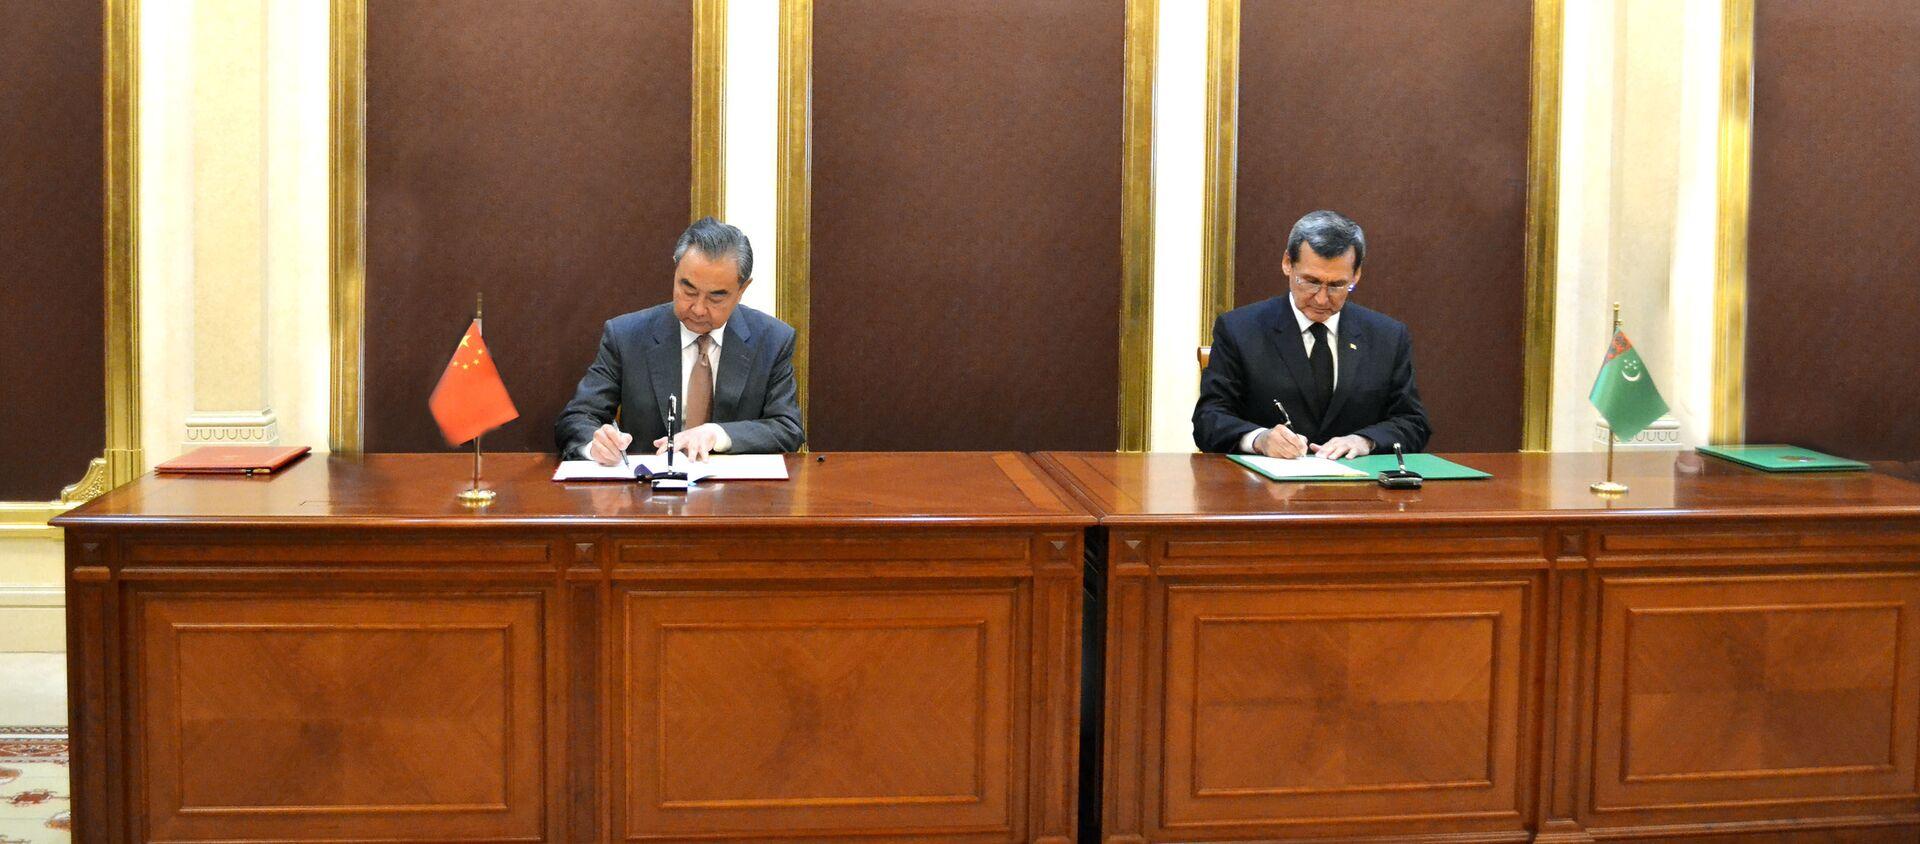 Chuyến thăm chính thức của Ngoại trưởng CHND Trung Hoa Vương Nghị đến CH Turkmenistan - Sputnik Việt Nam, 1920, 13.07.2021